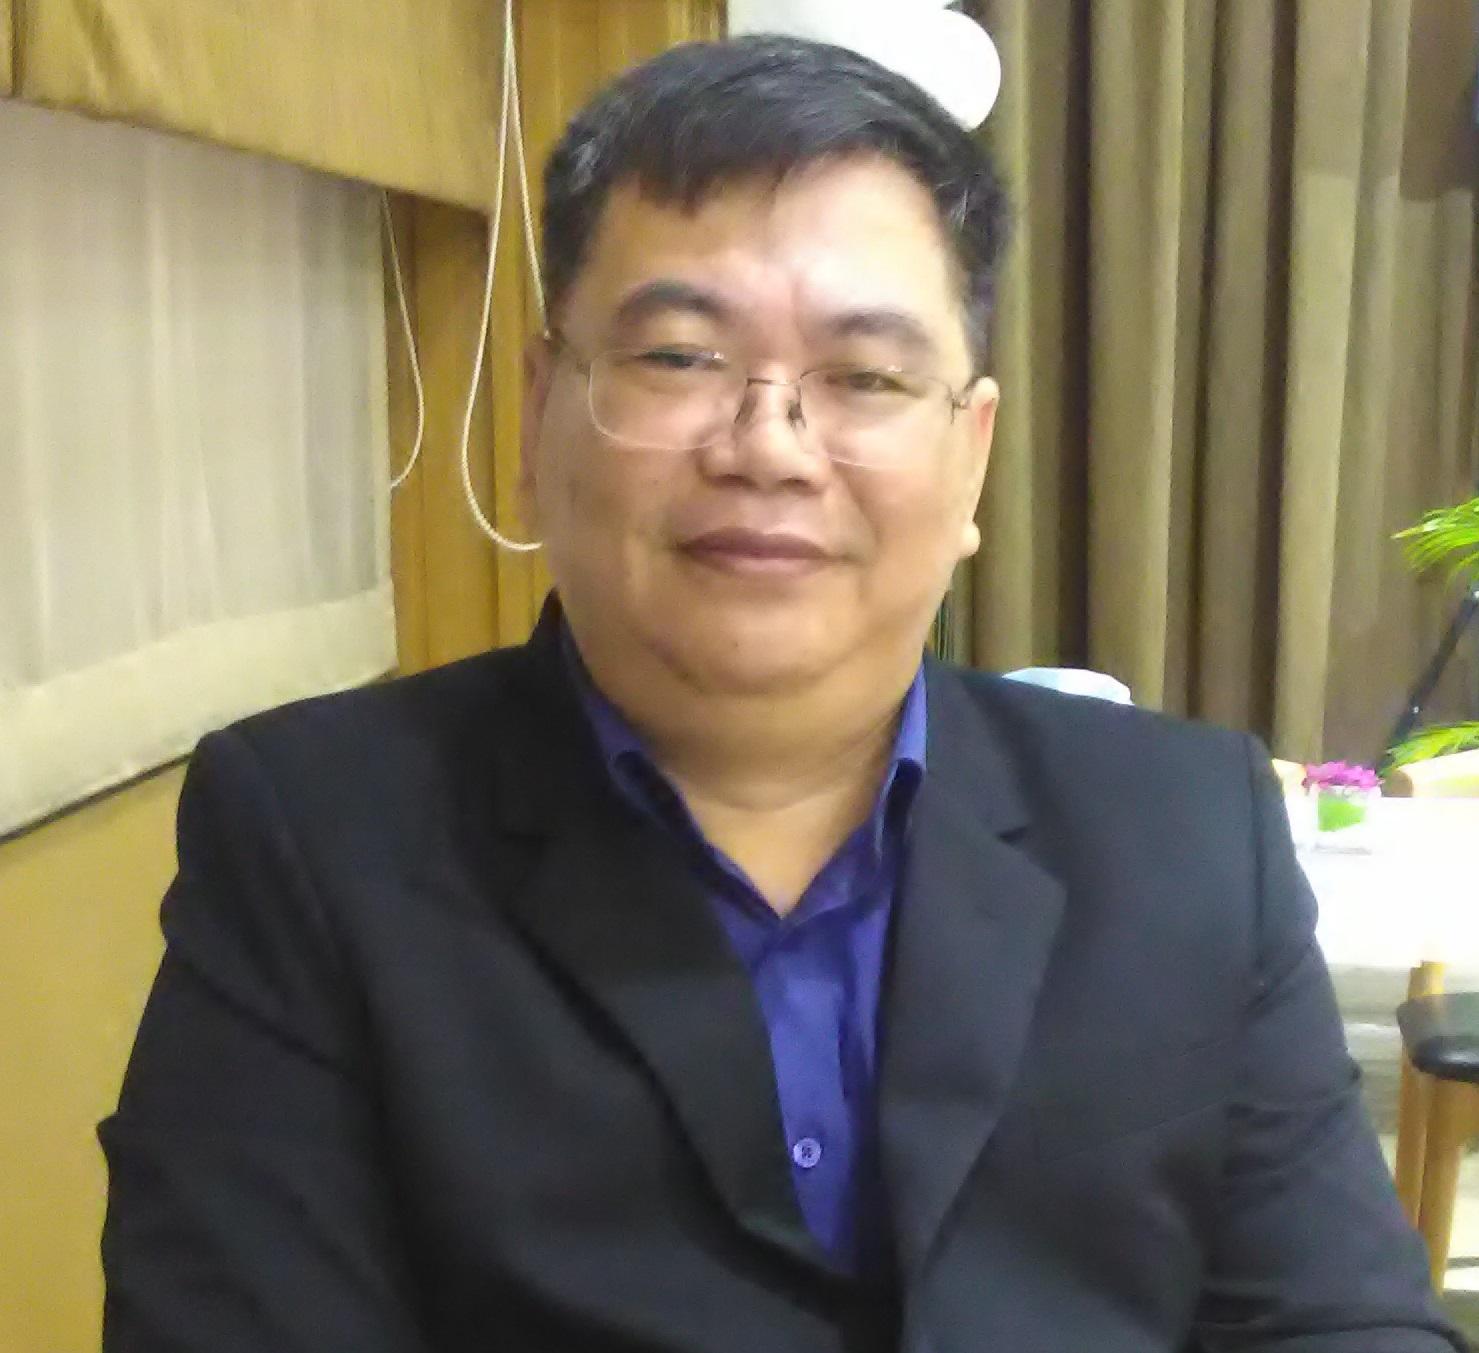 """เว็บไซต์ """"พลังบวกสร้างไทย"""" รวมสาระความรู้ สิ่งที่เป็นประโยชน์ต่อสังคม"""